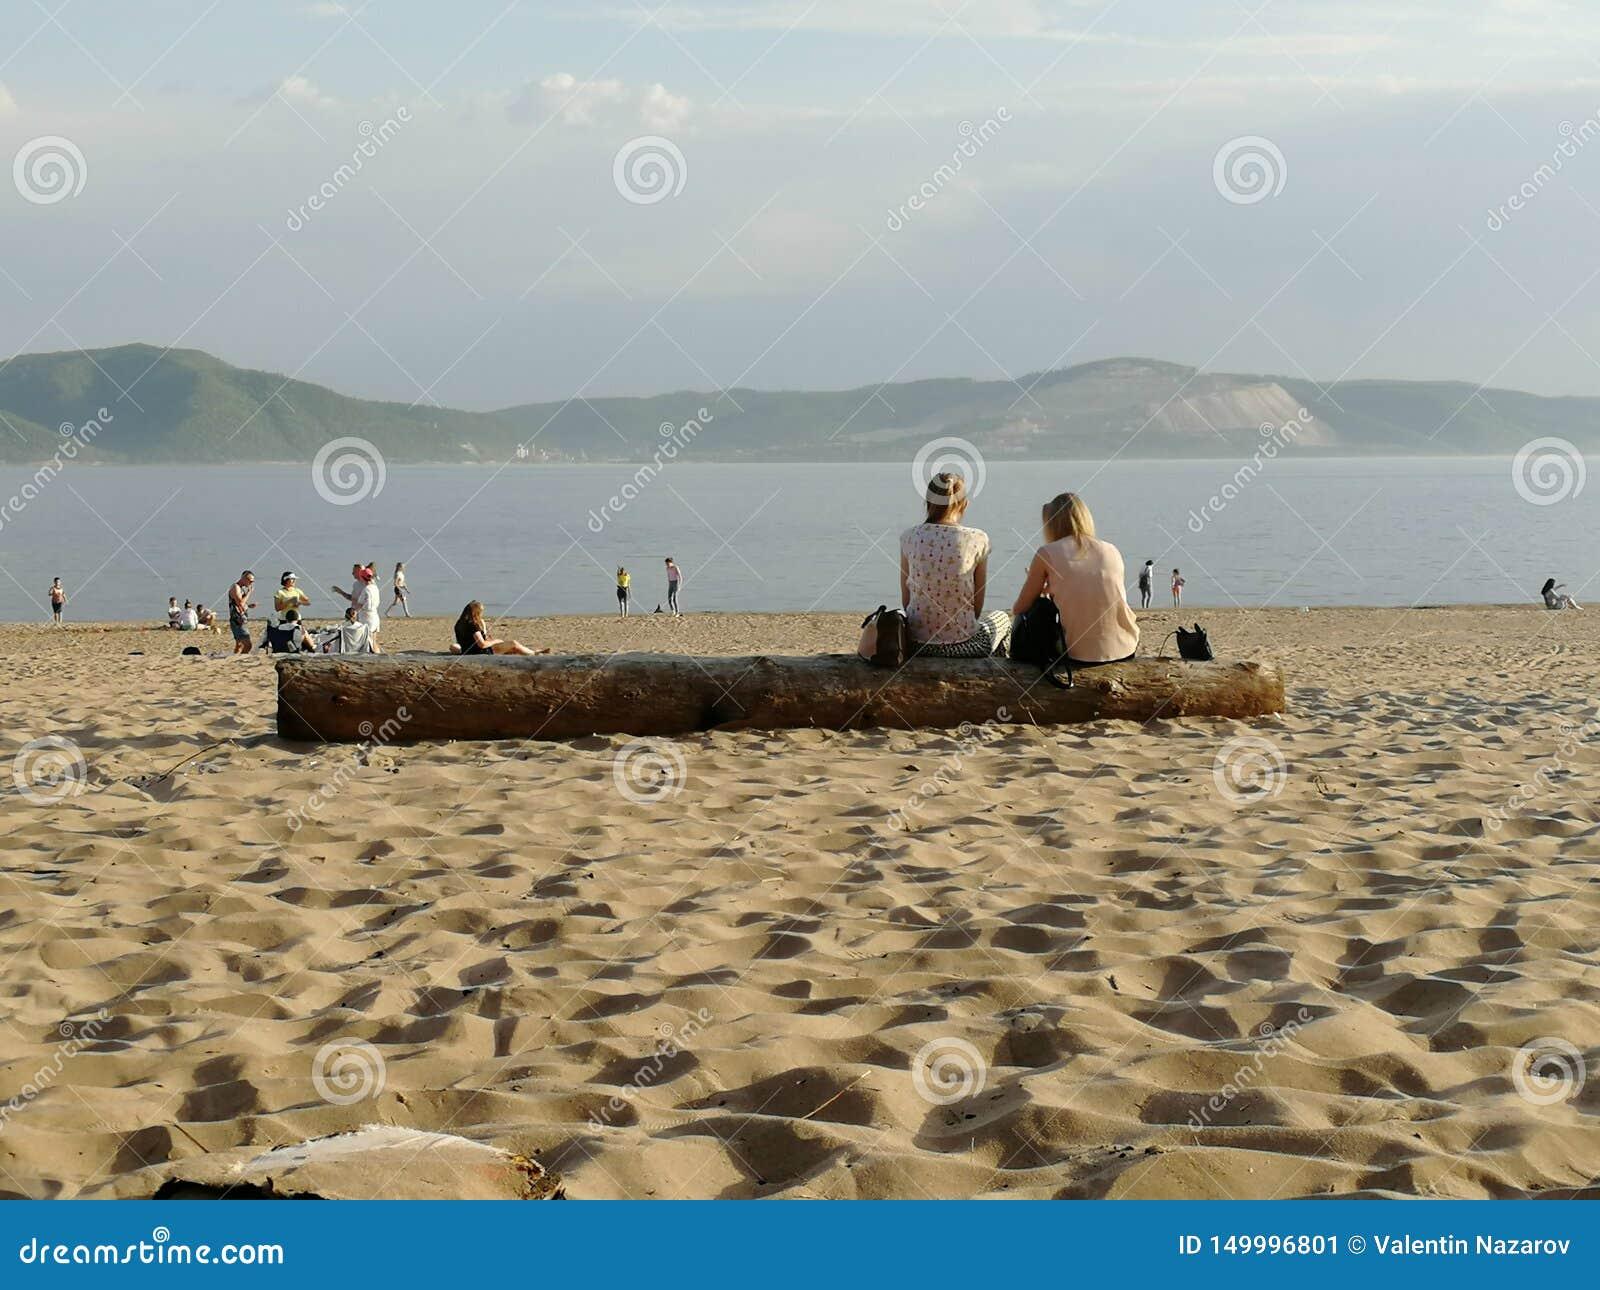 海滩的人们,freands,通信,夫妇